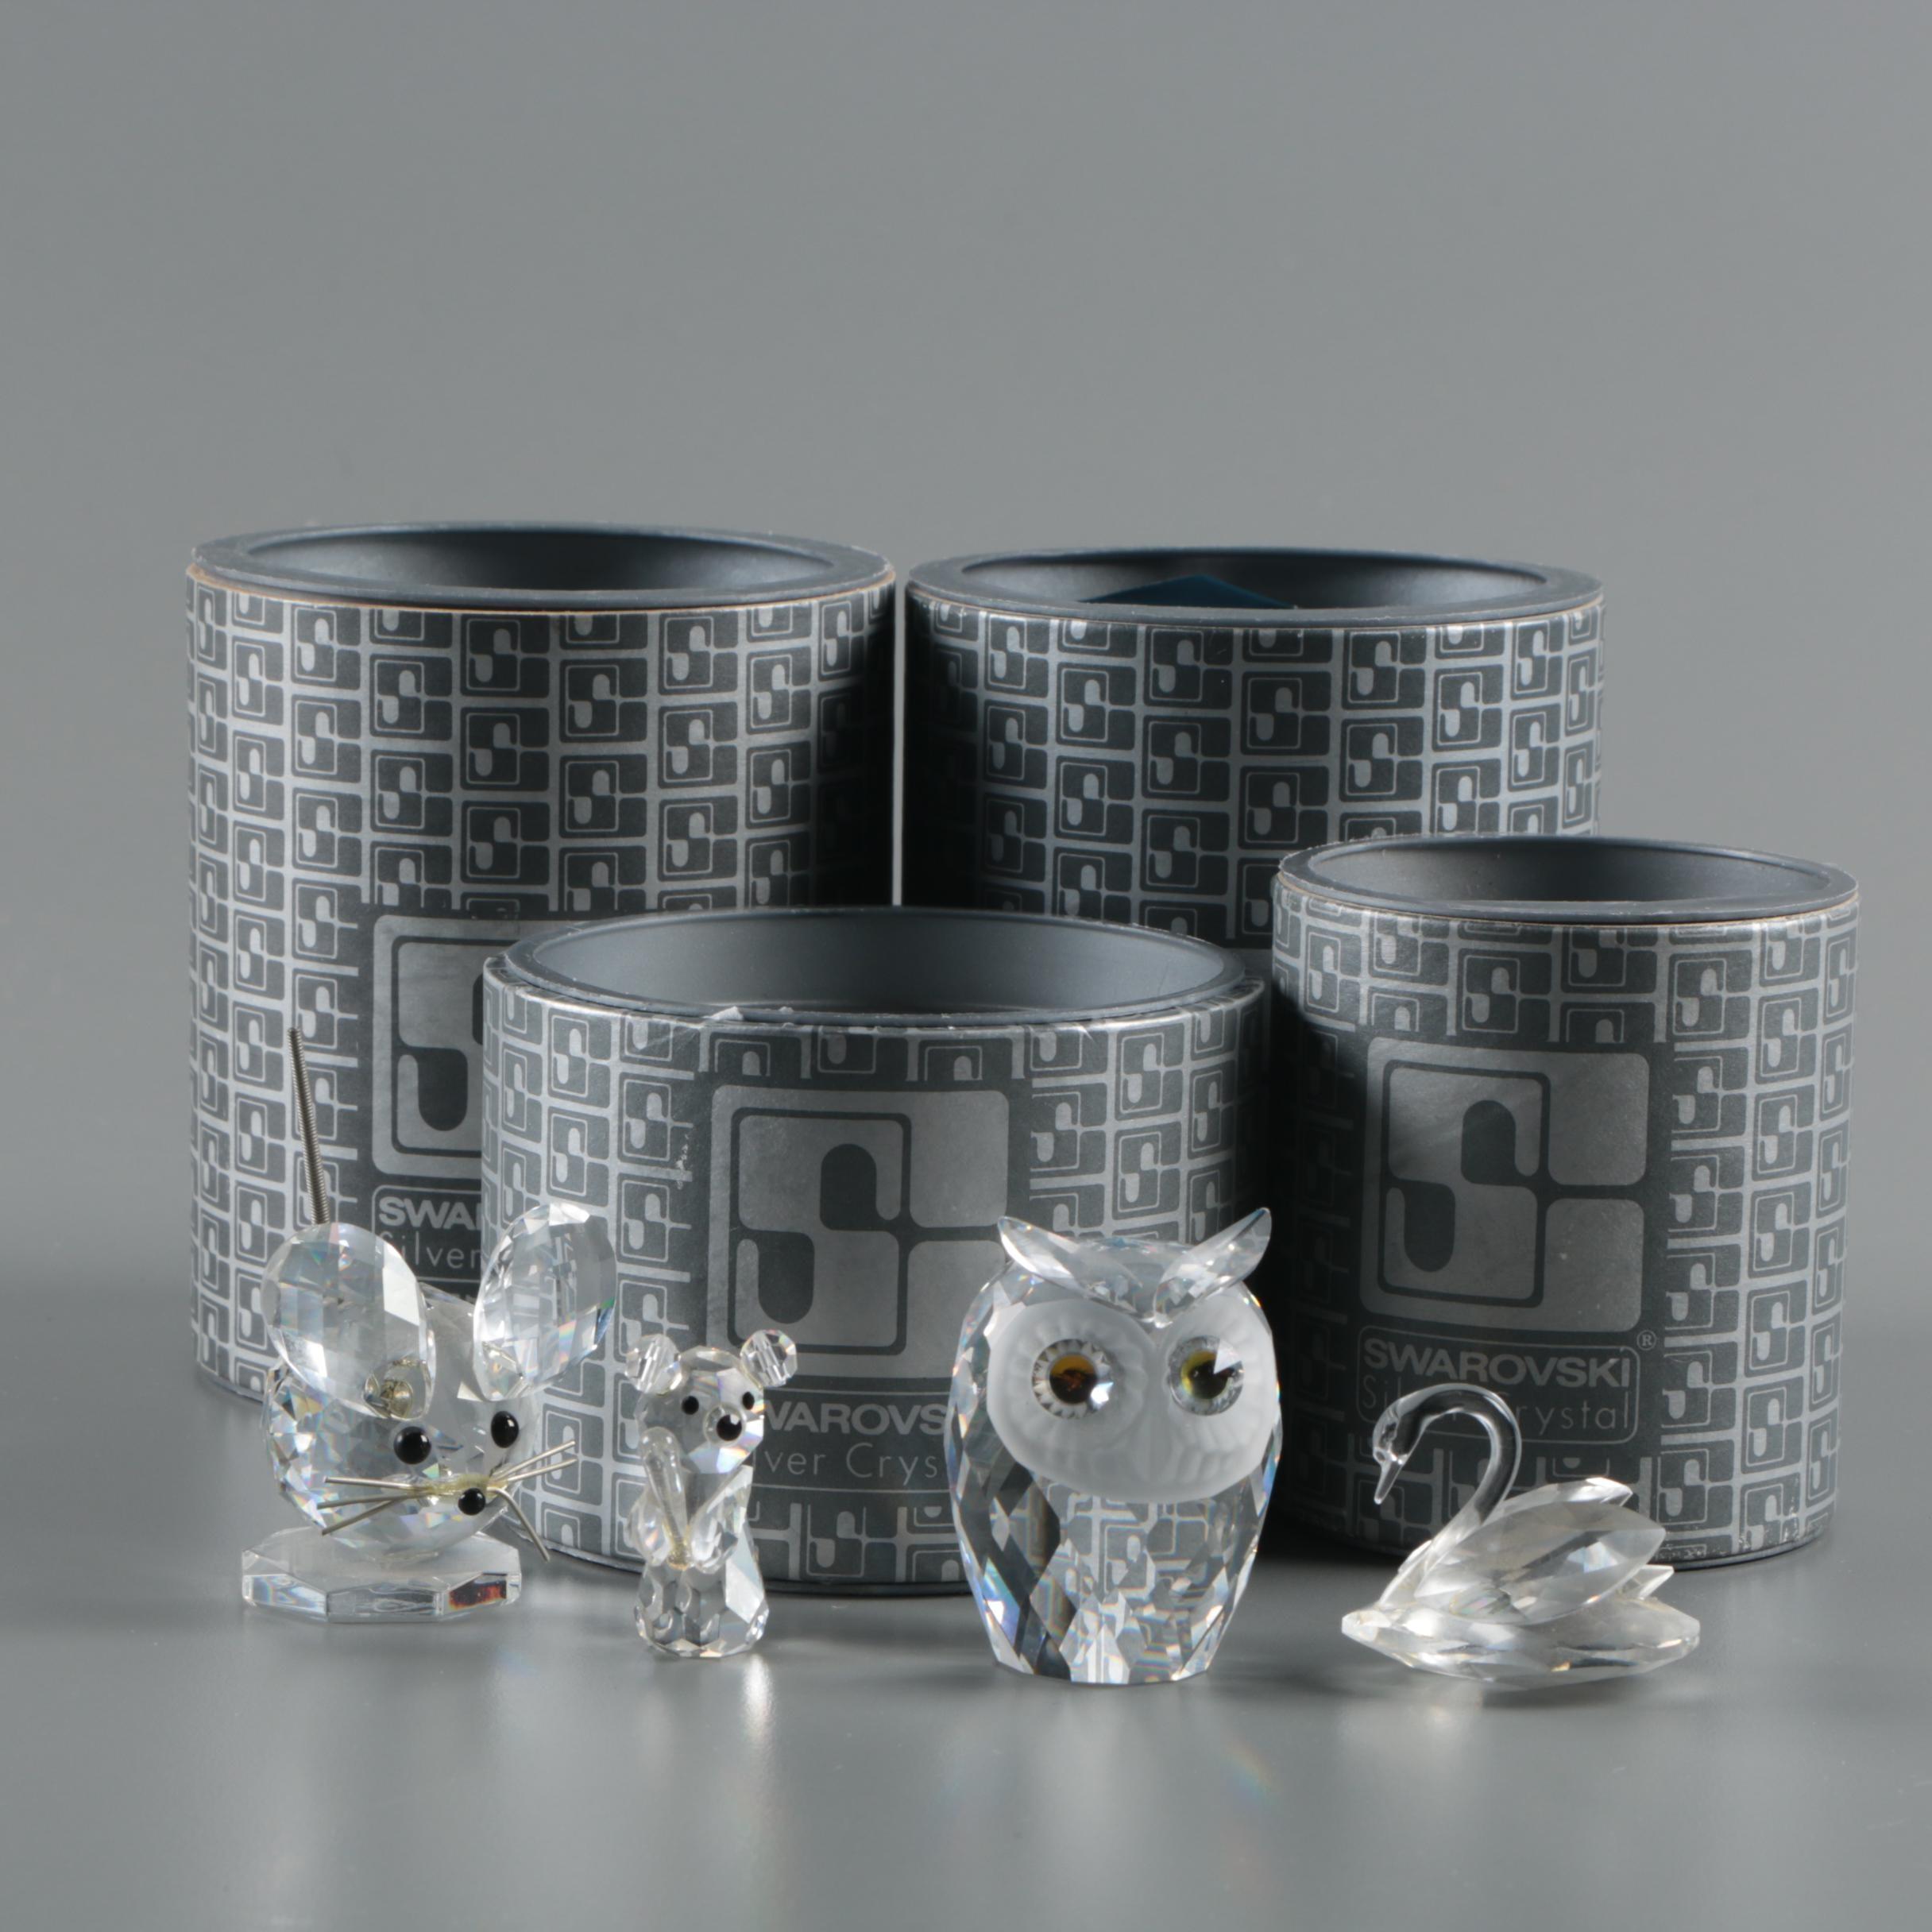 Vintage Swarovski and Crystal Caravan Faceted Figurines